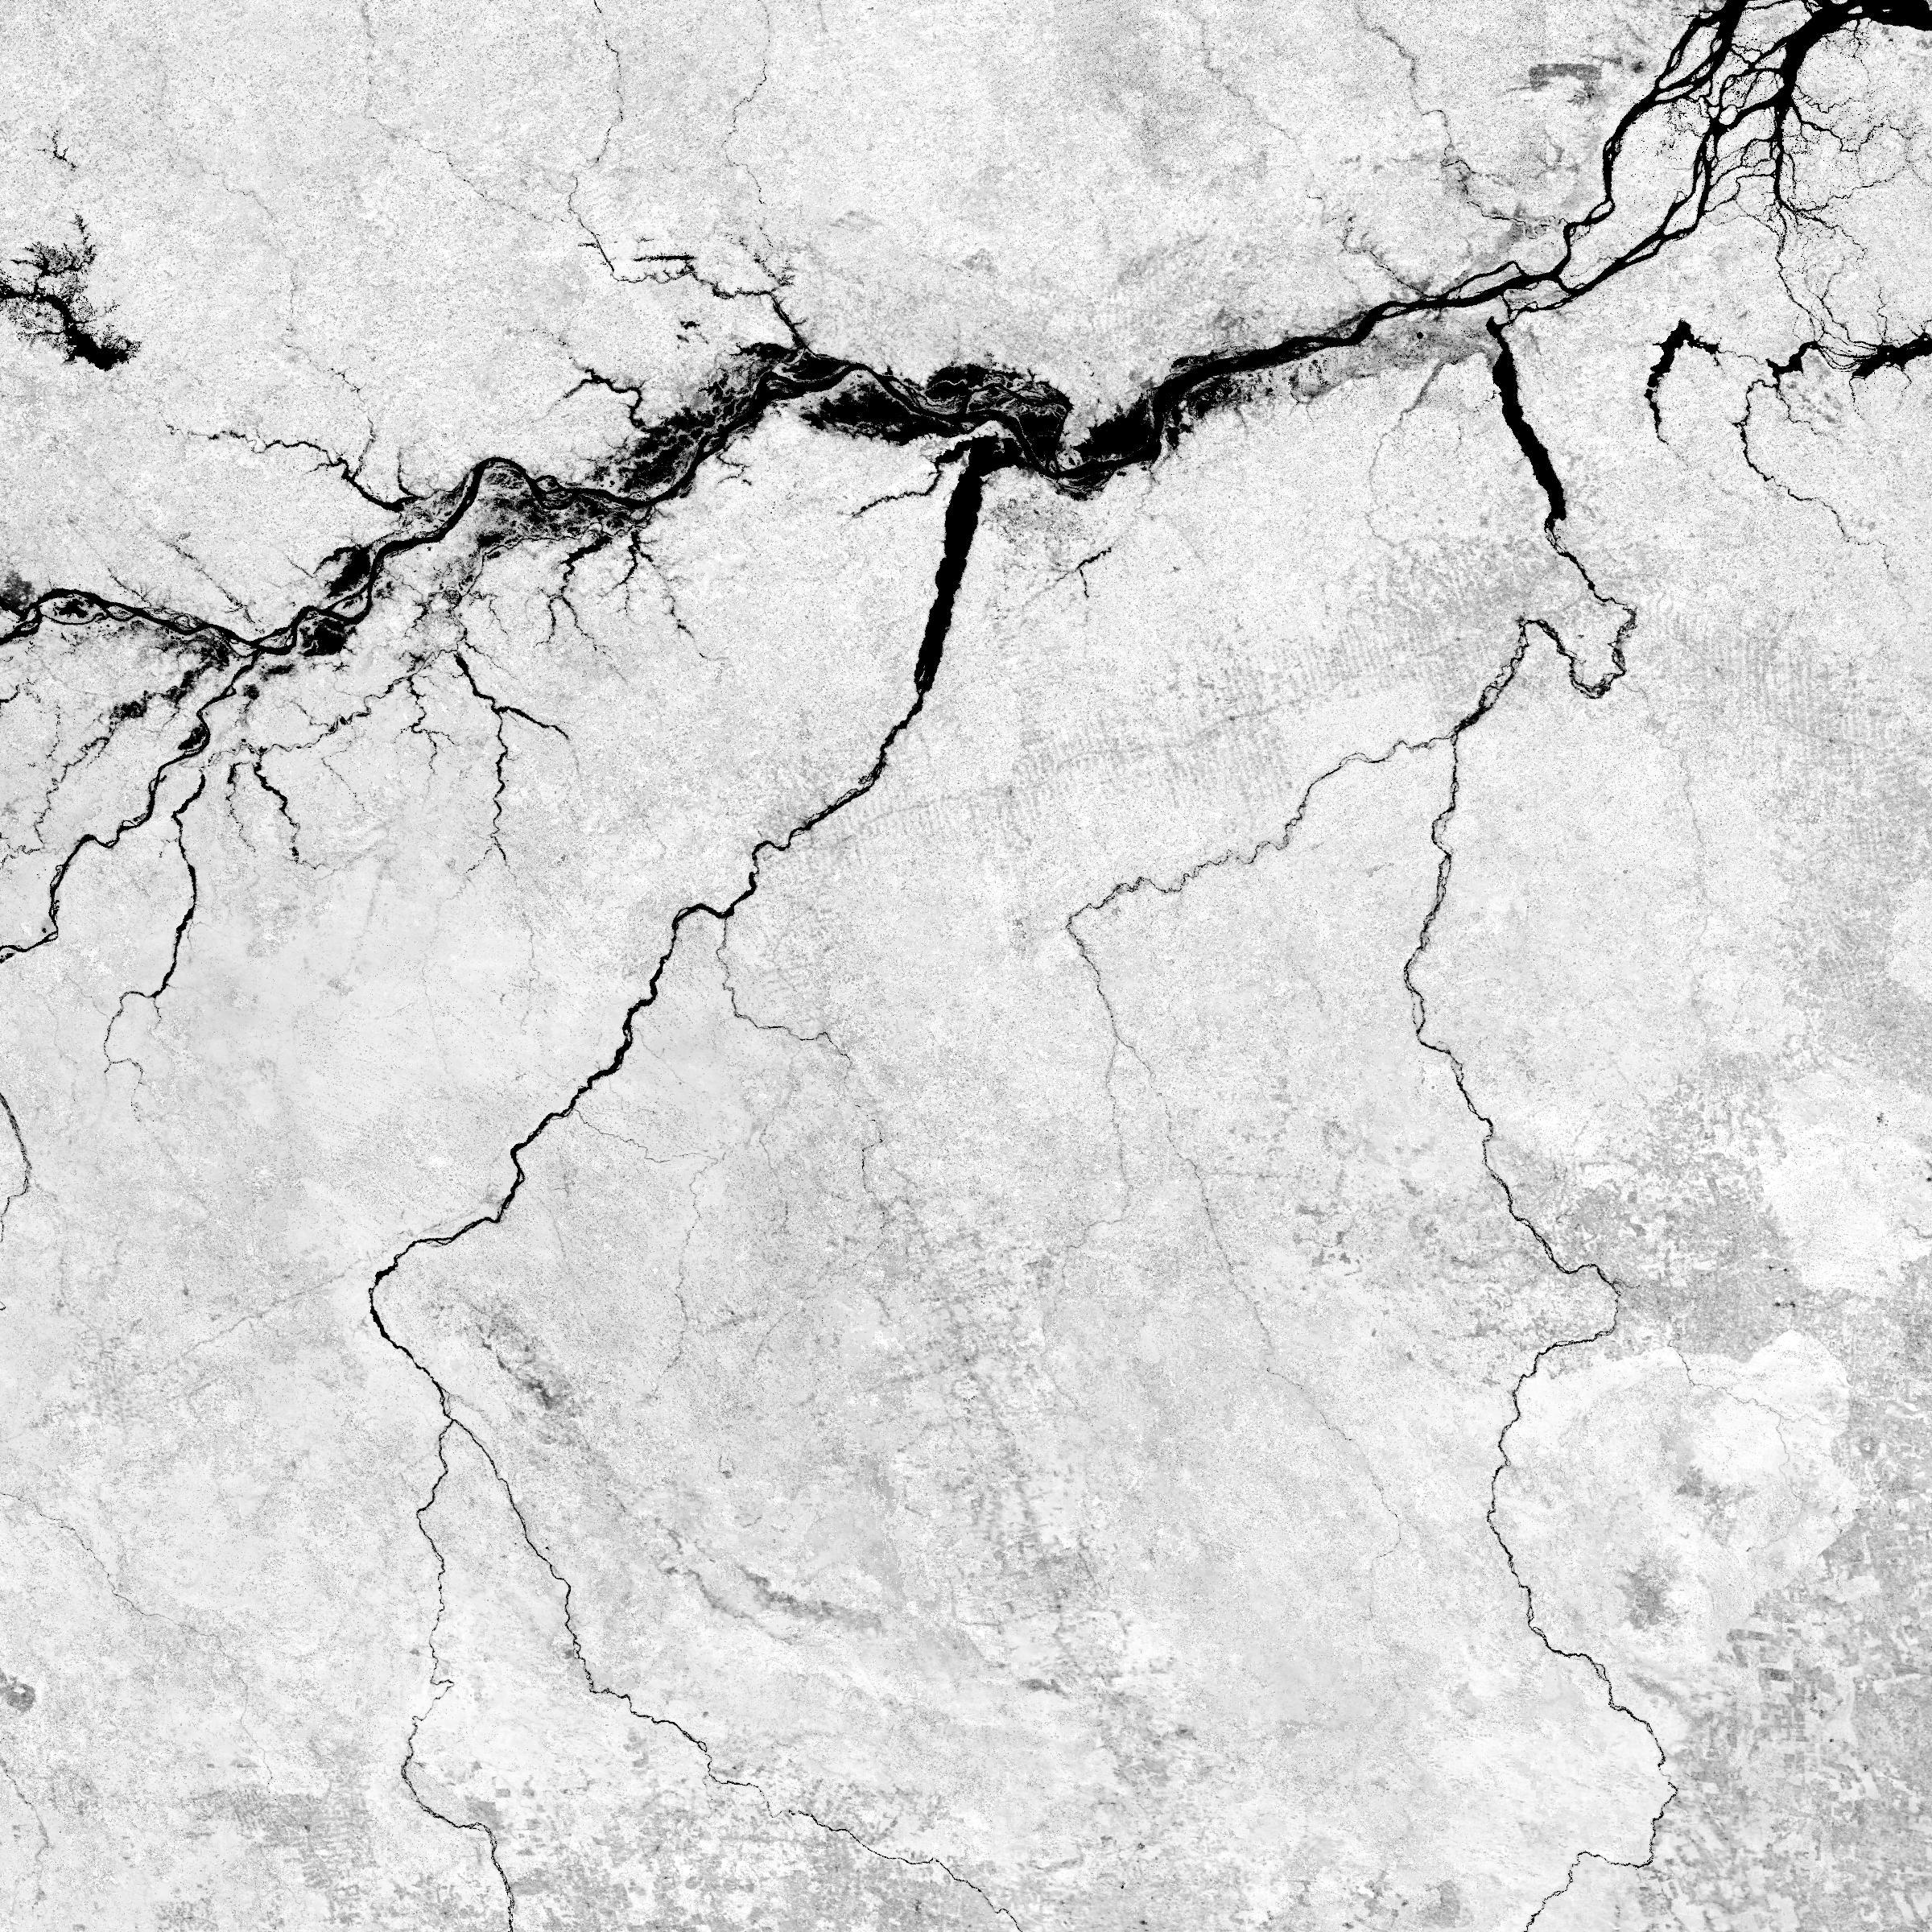 Index of /FVC/MODIS/500m/2012/065